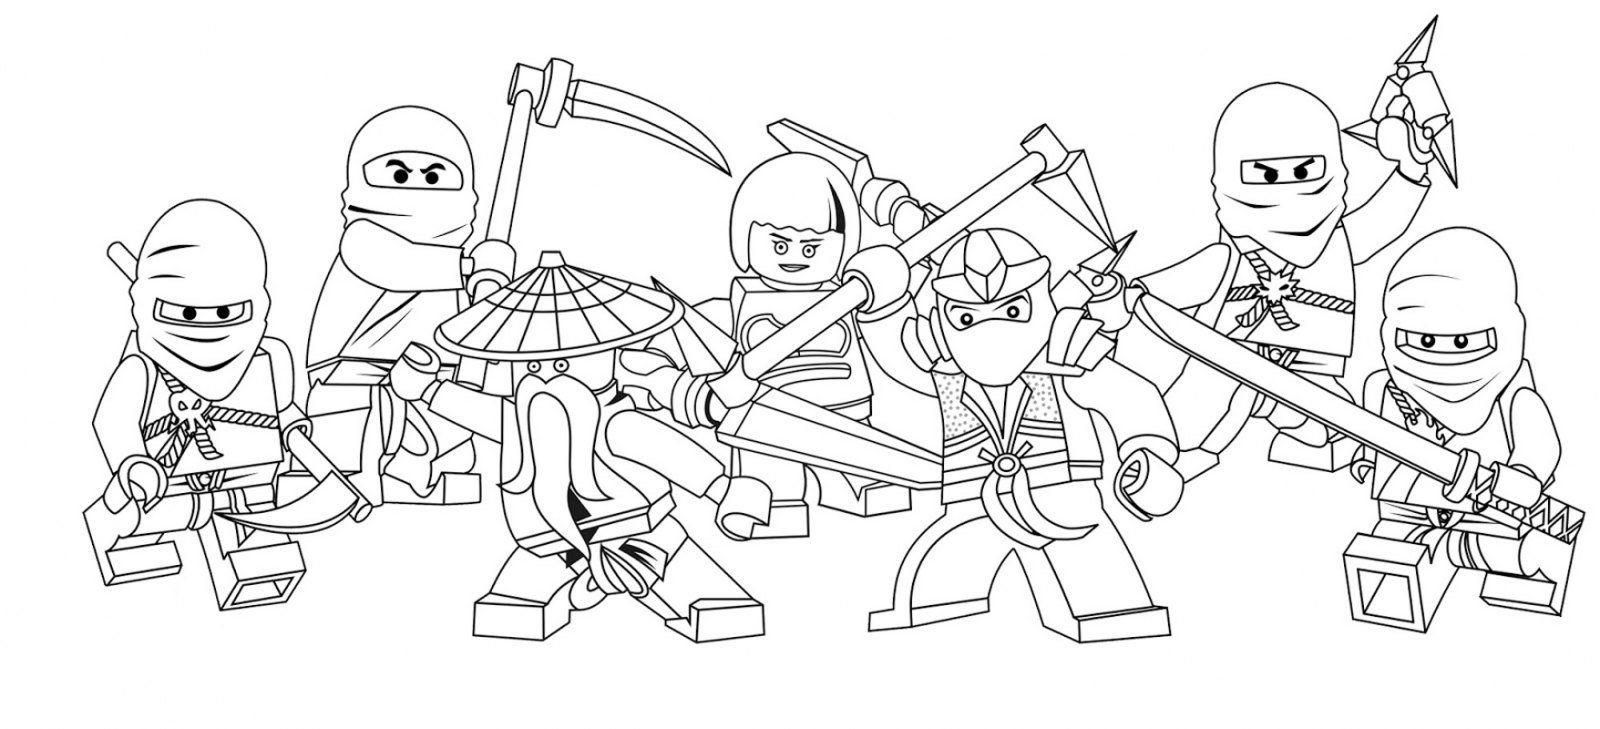 Dibujos De Lego Para Pintar Dibujos De Lego Para Colorear